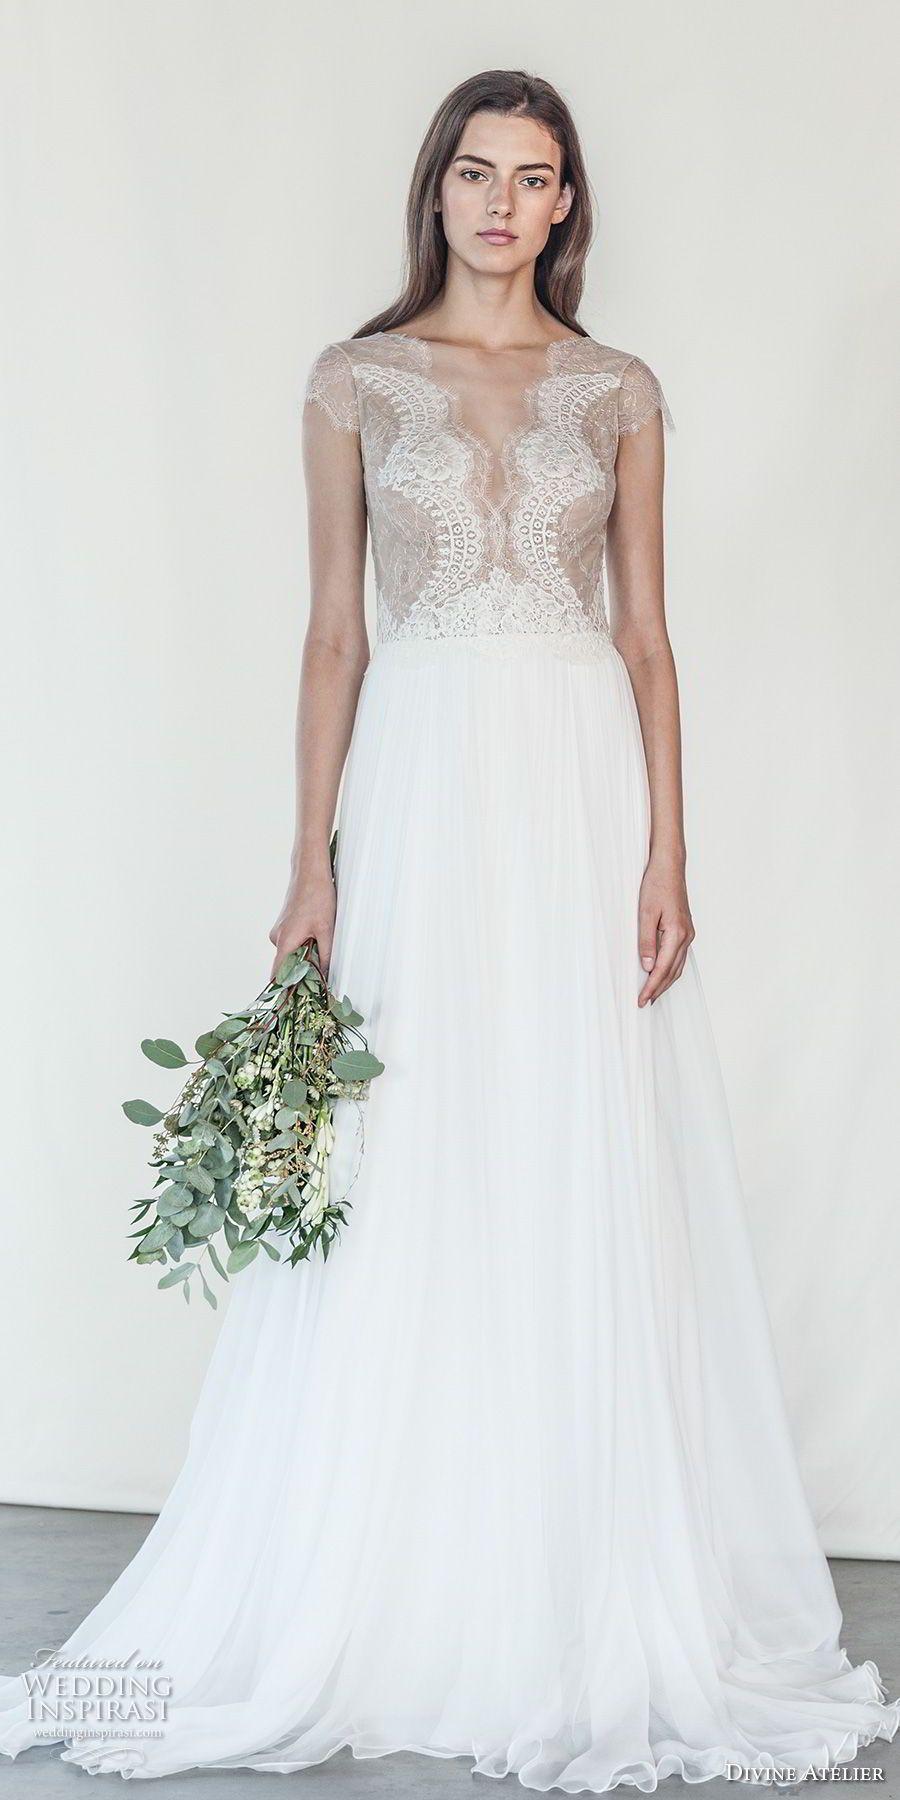 Divine atelier bridal cap sleeves deep v neck heavily